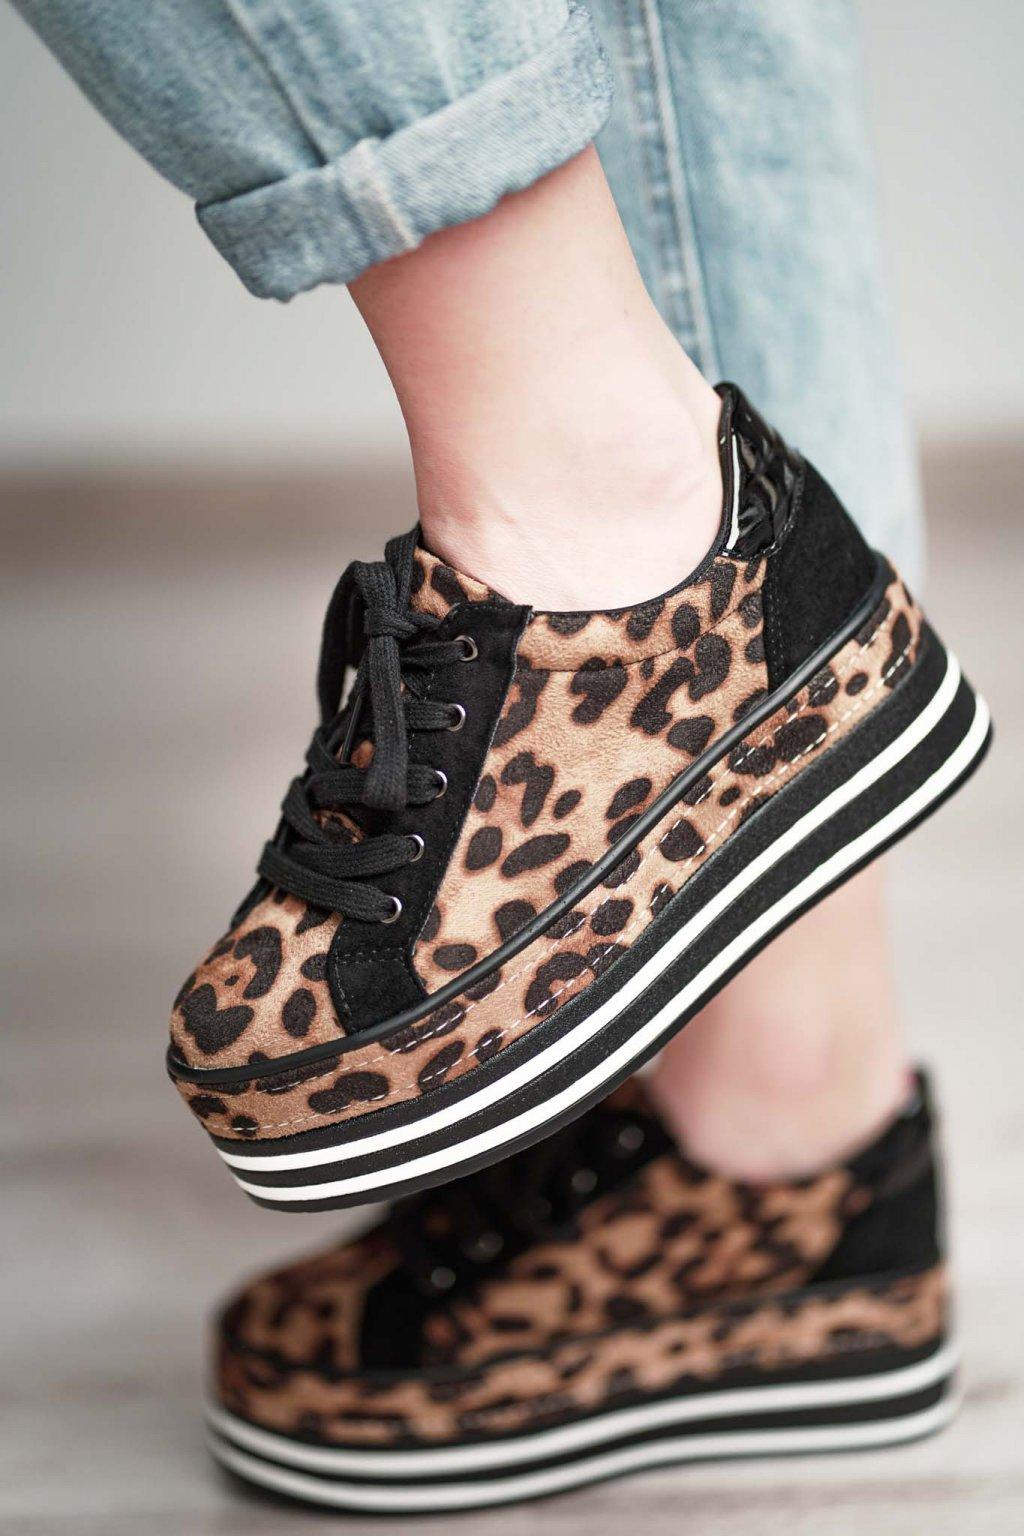 topánky, obuv, tenisky, botasky, lodičky, čižmy, šľapky, sandálky 460